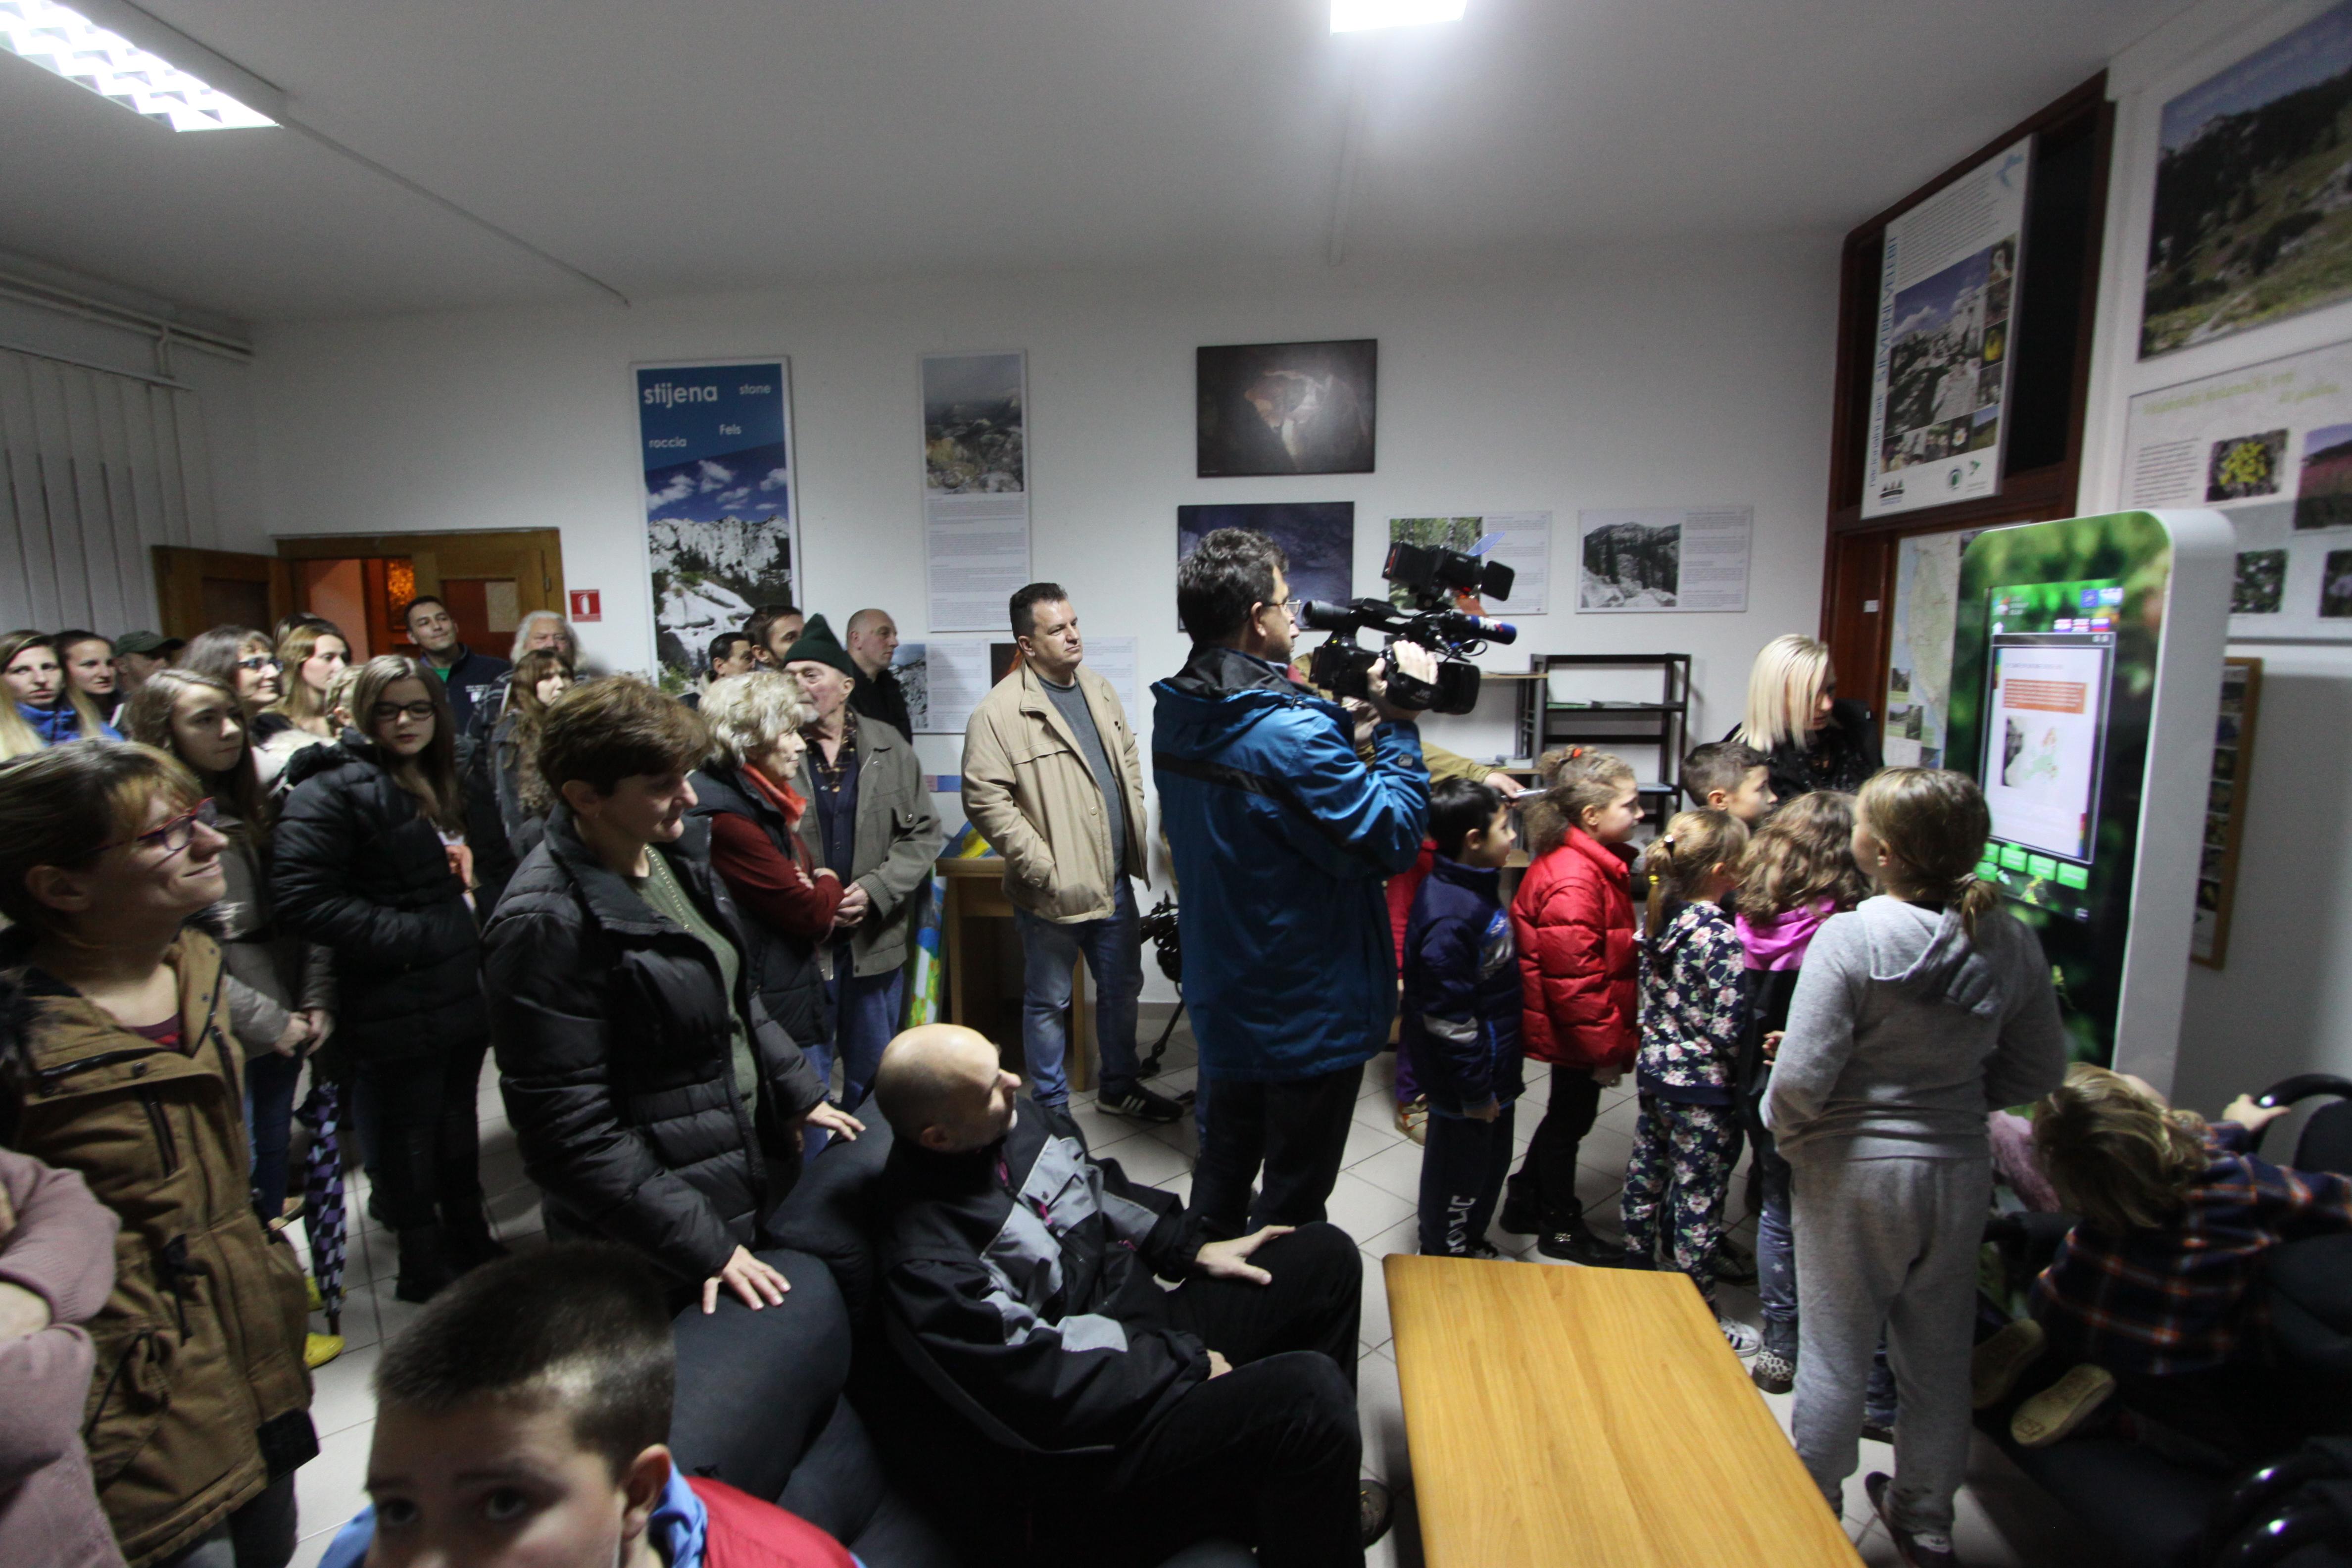 National parks Plitvička jezera and Sjeverni Velebit: Opening of project info points